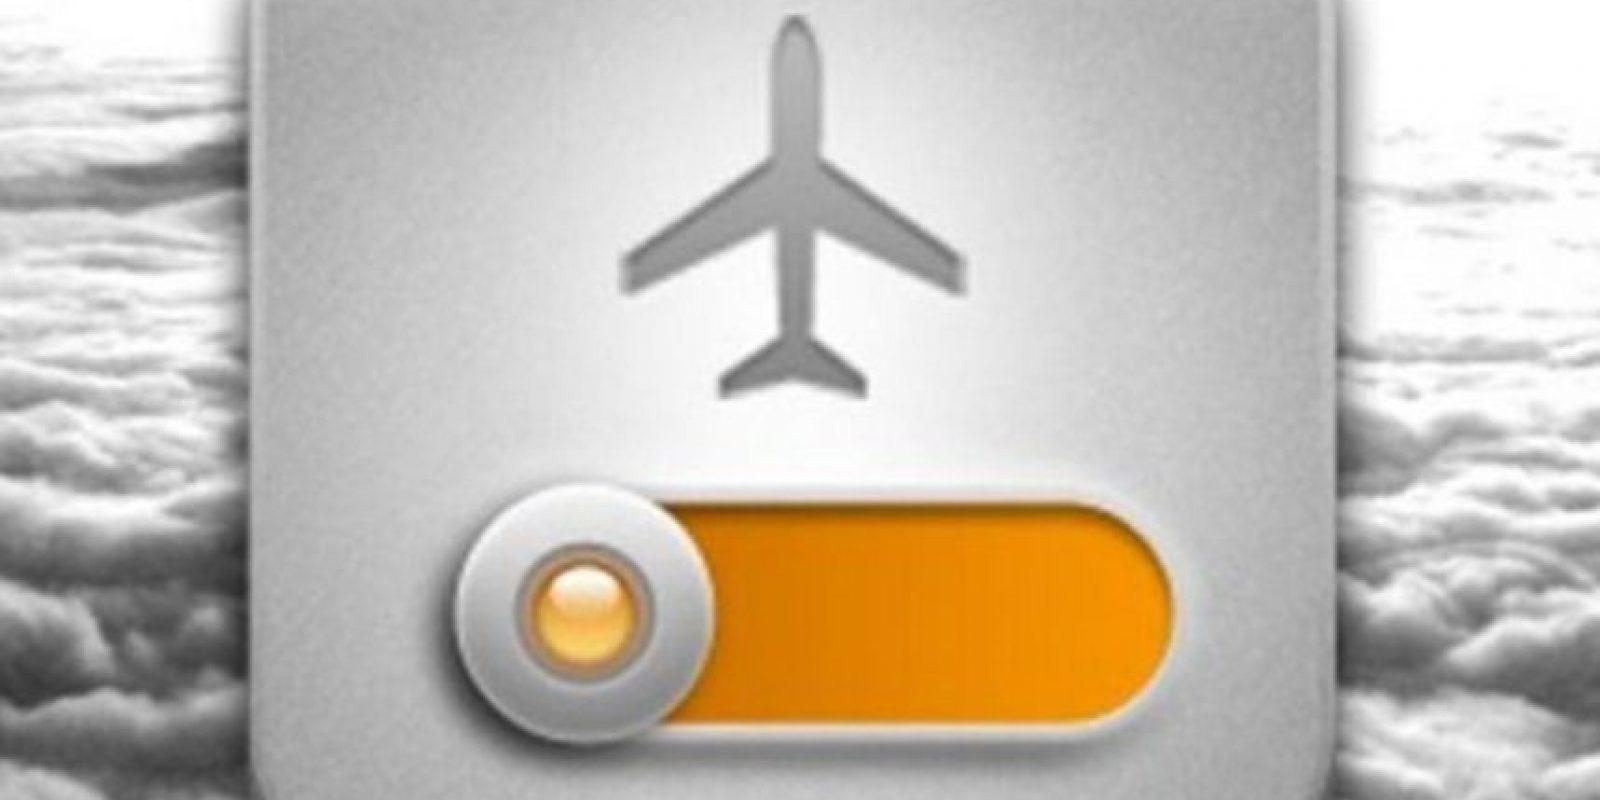 Automáticamente se desconectan las redes 3G, Wi-Fi y Bluetooh, con lo que se consume menos batería y tienen un mayor rendimiento. Foto:vía Pinterest.com